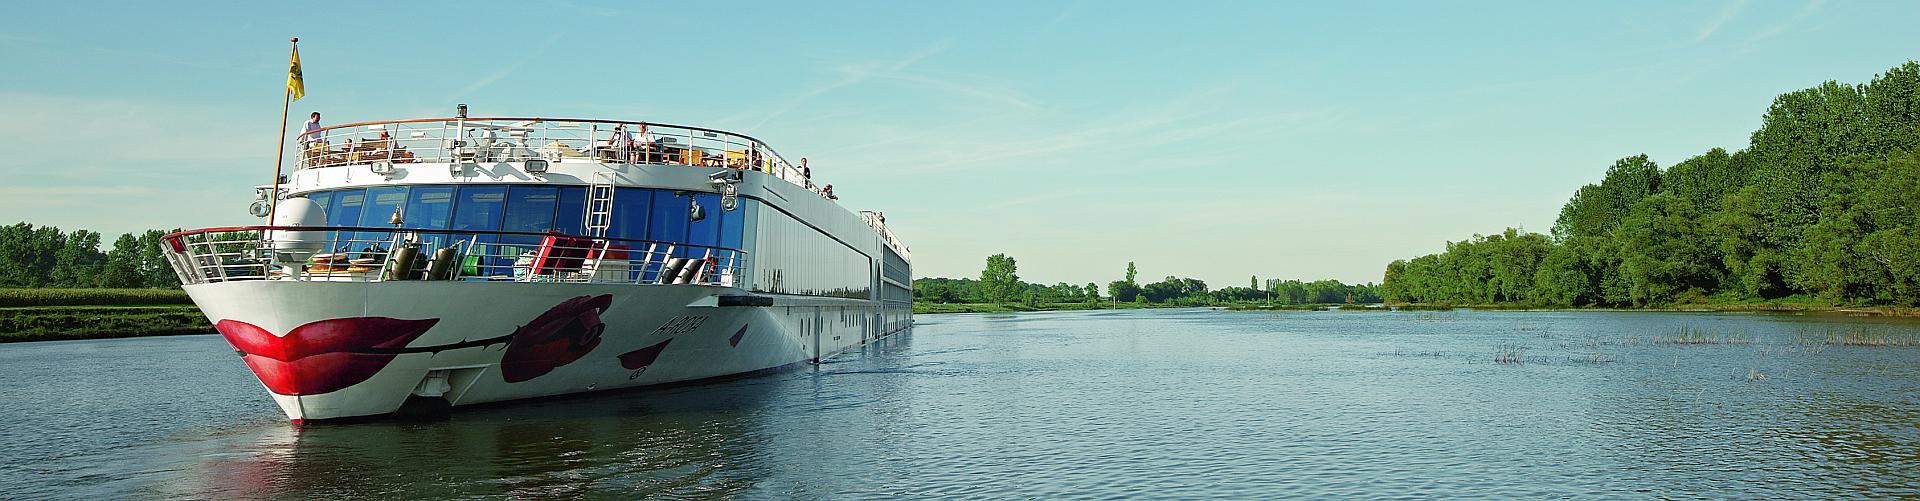 AROSA Flusskreuzfahrten auf Donau, Rhein, Mosel, Rhone, Seine